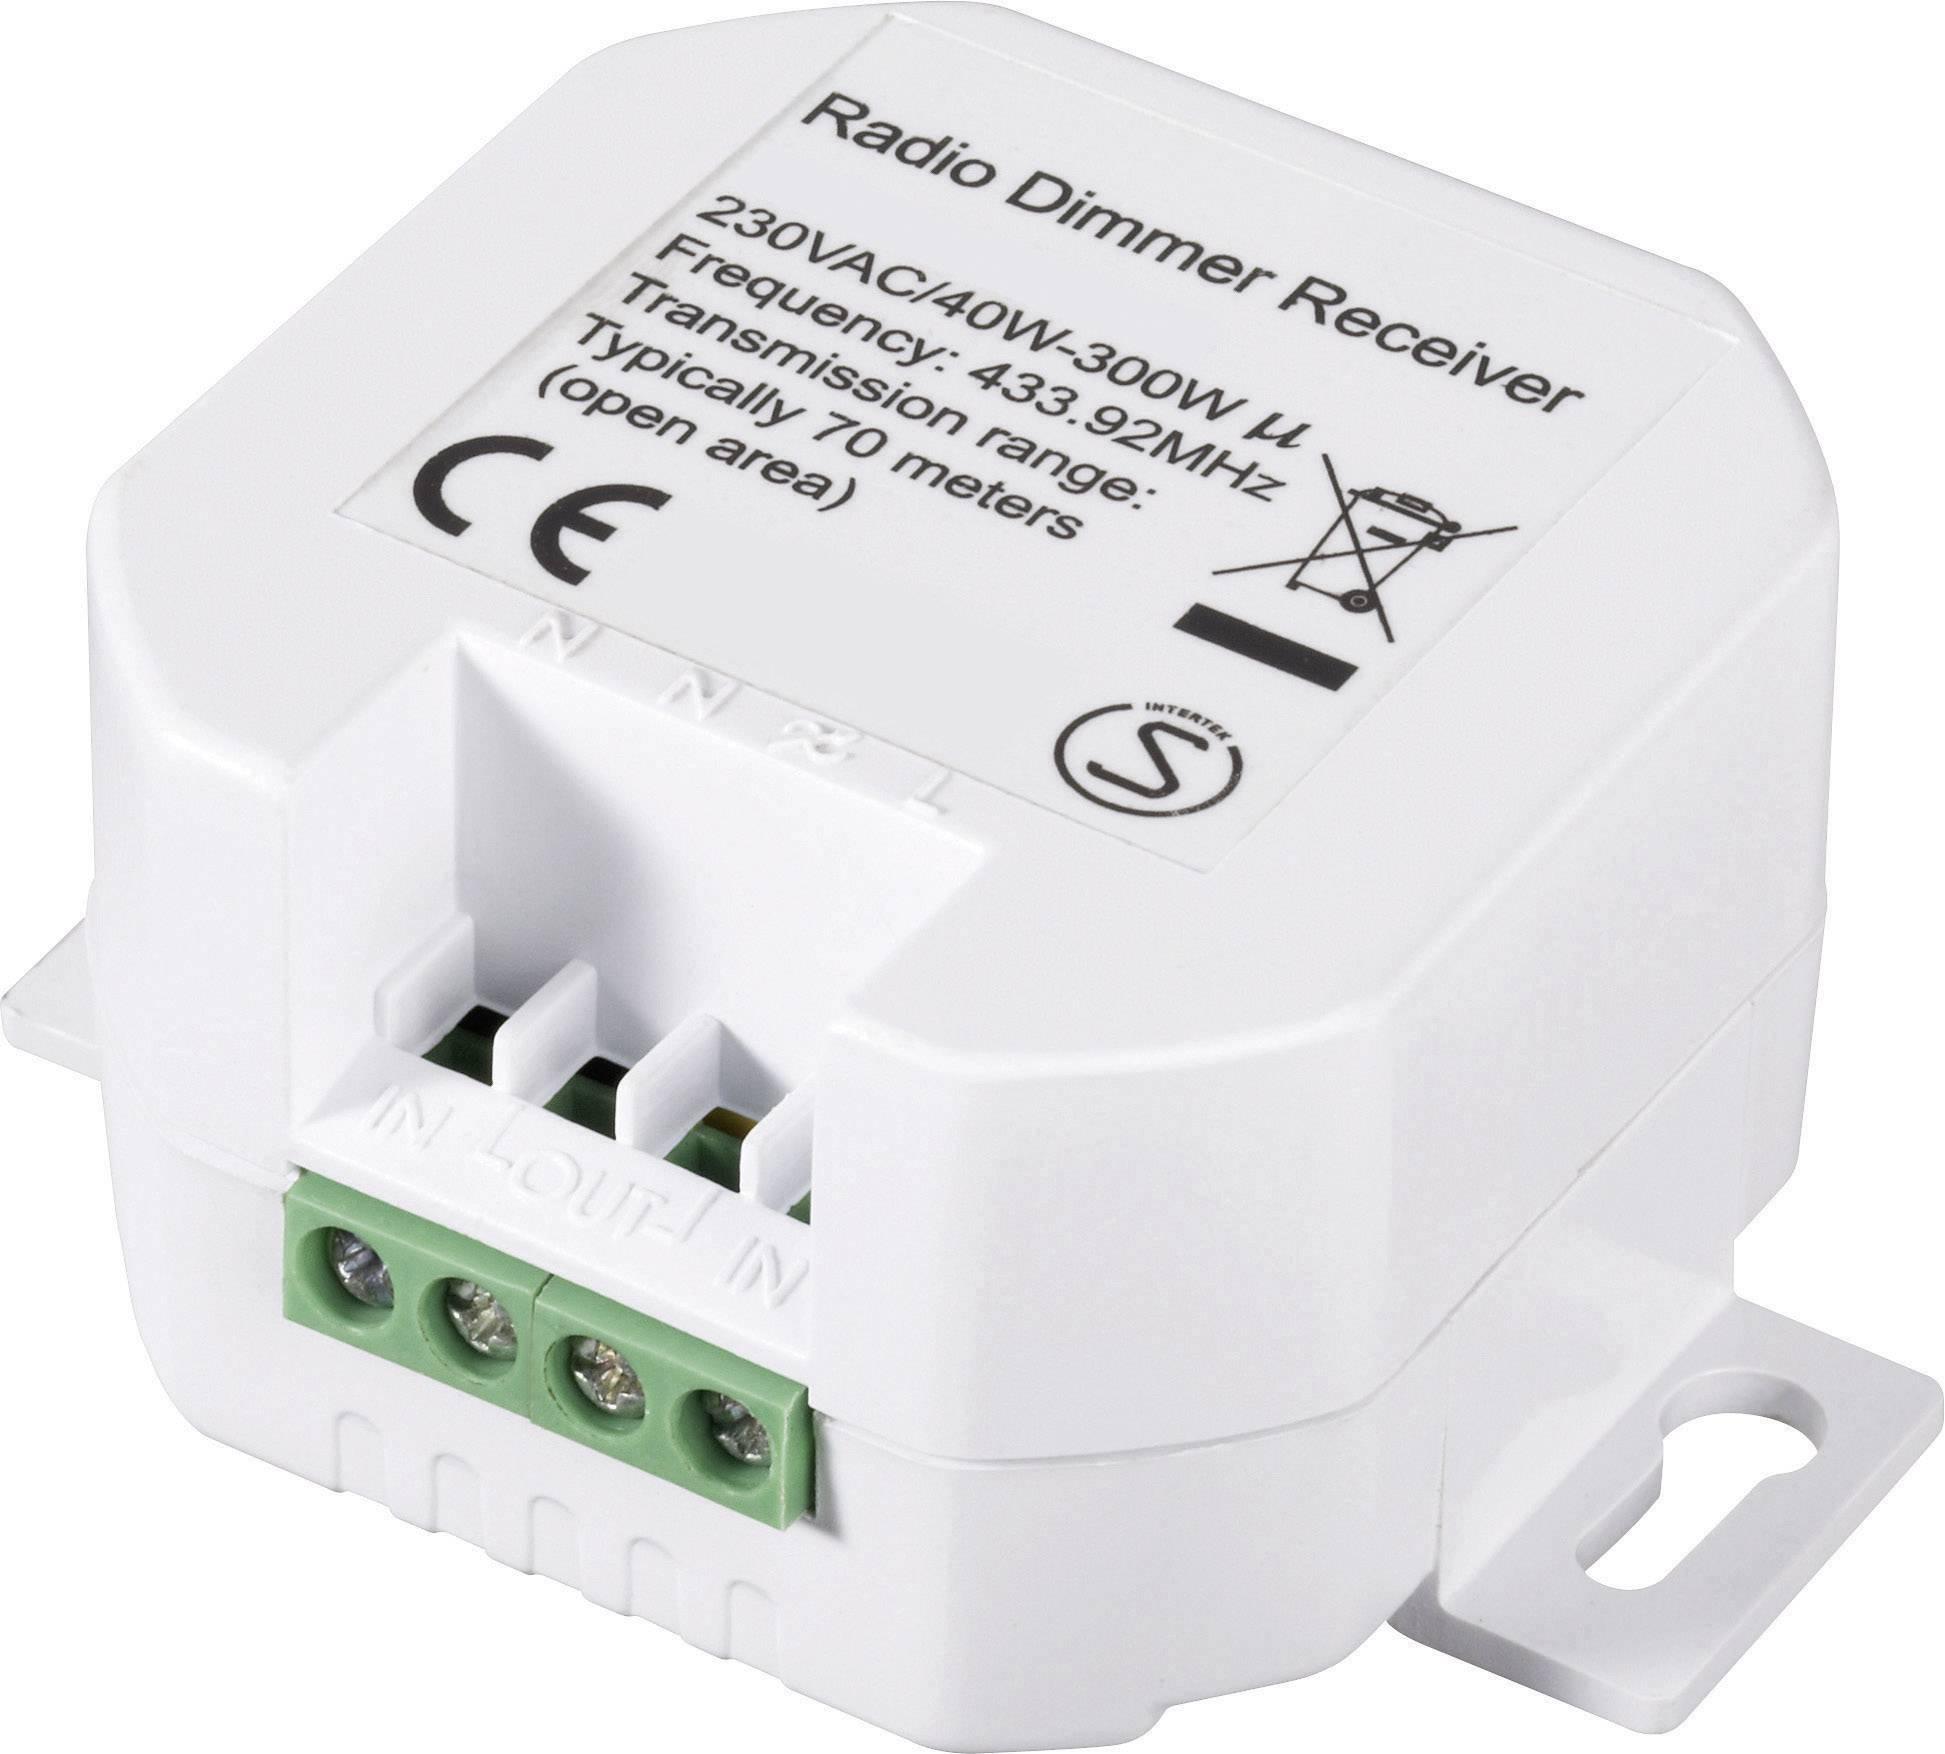 Bezdrôtový vstavaný prepínač so stmievačom RSLRD2, max. 300 W, rozsah 70 m